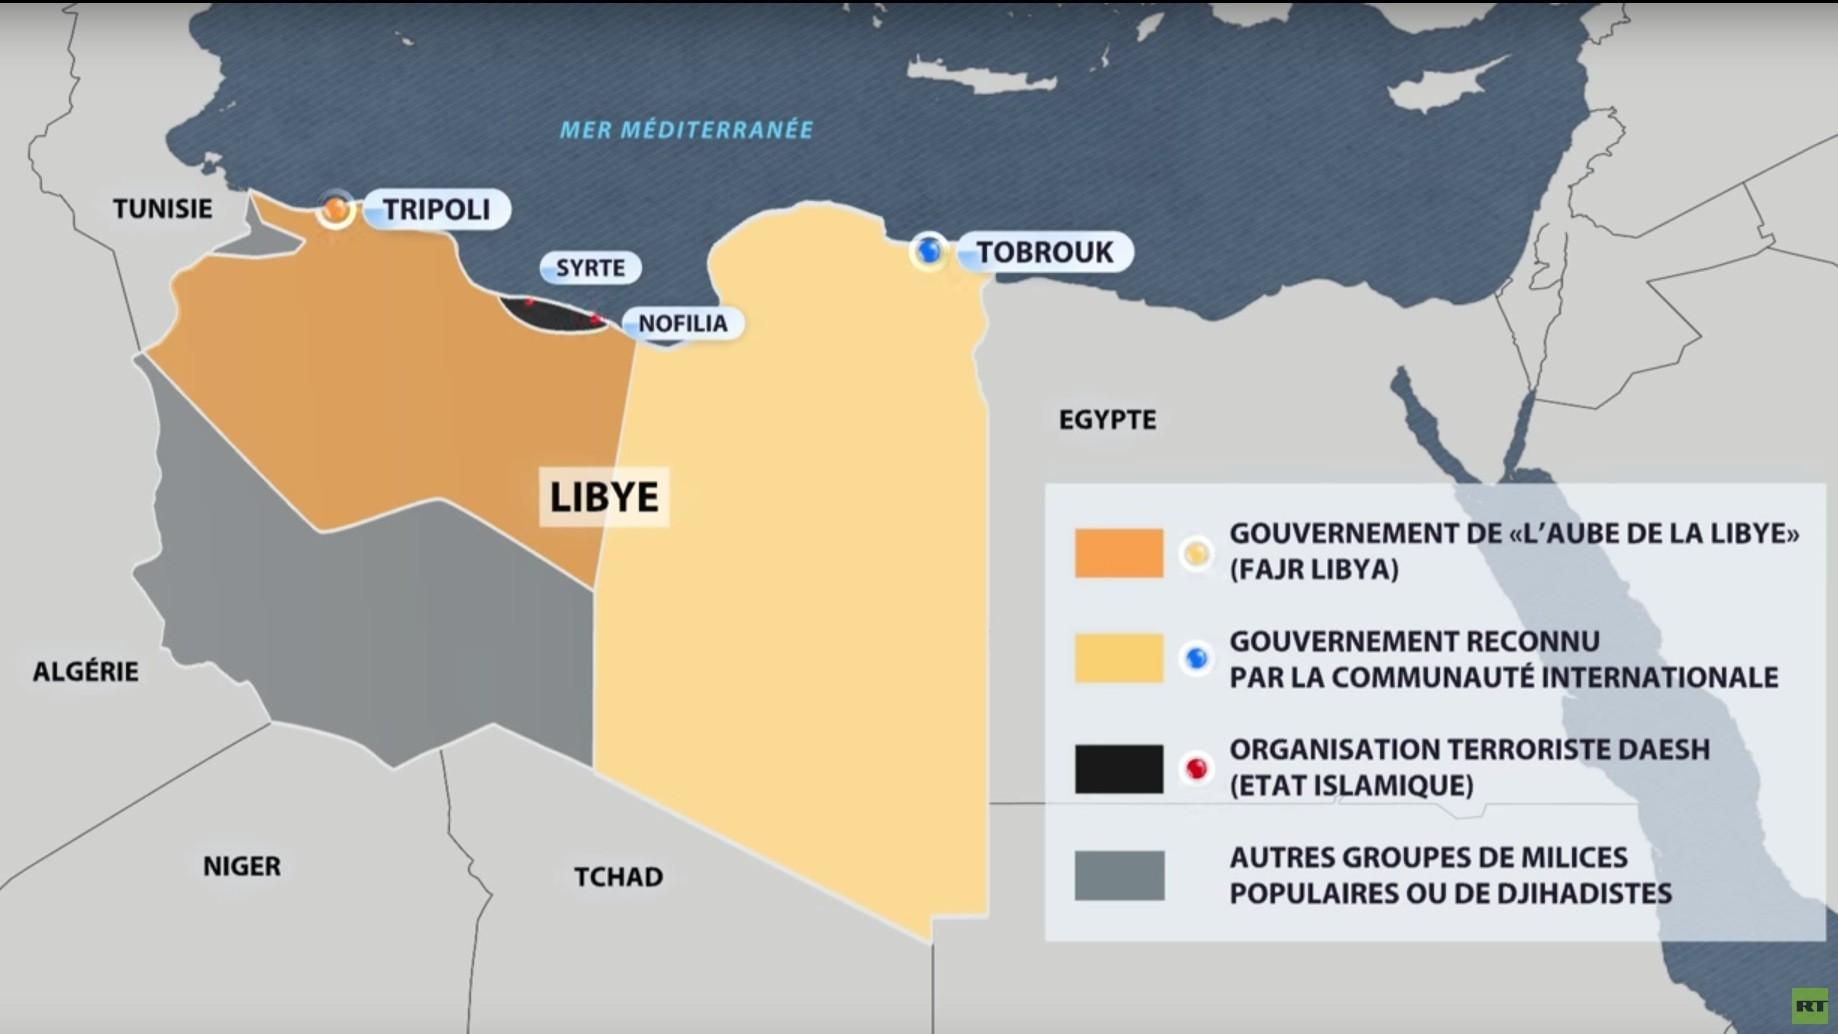 Les Etats-Unis ont envoyé deux unités de leurs forces spéciales en Libye